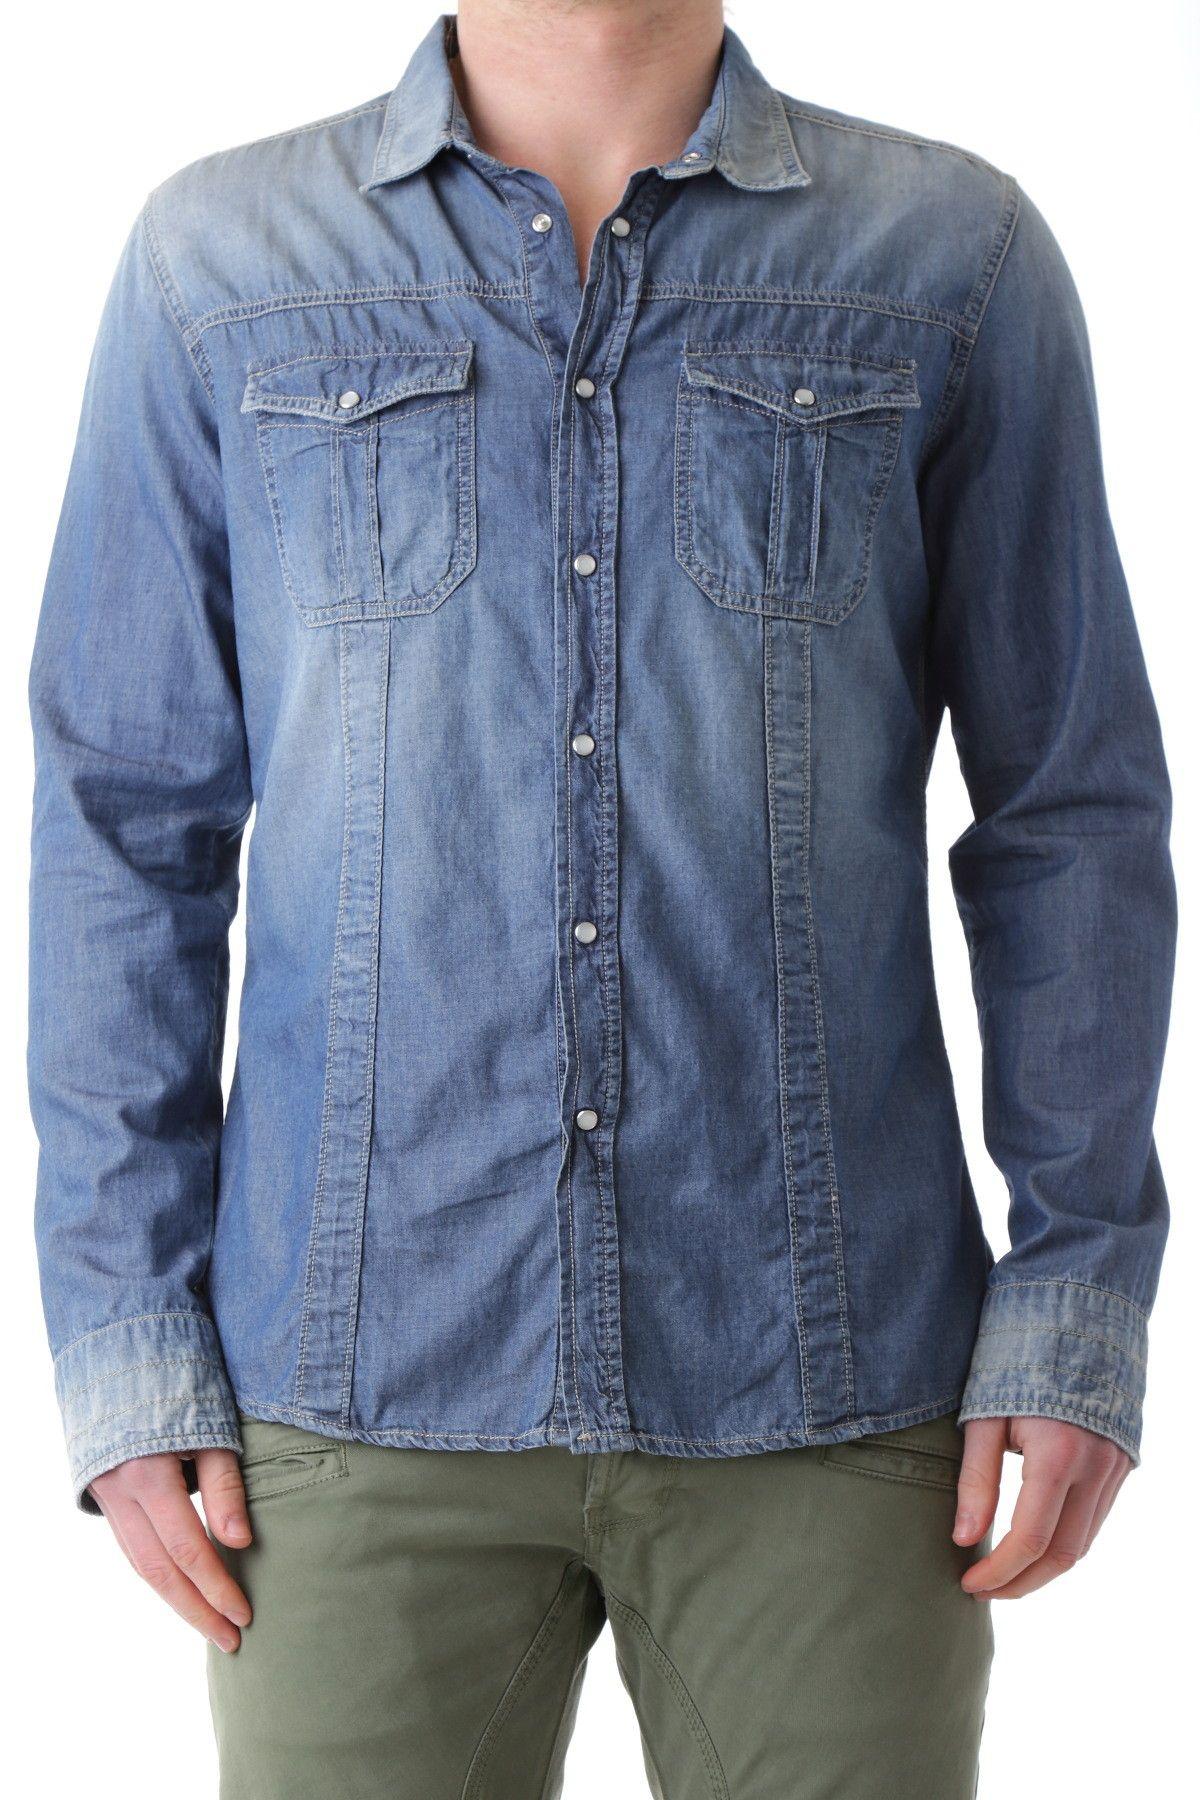 Bray Steve Alan Men's Shirt In Blue